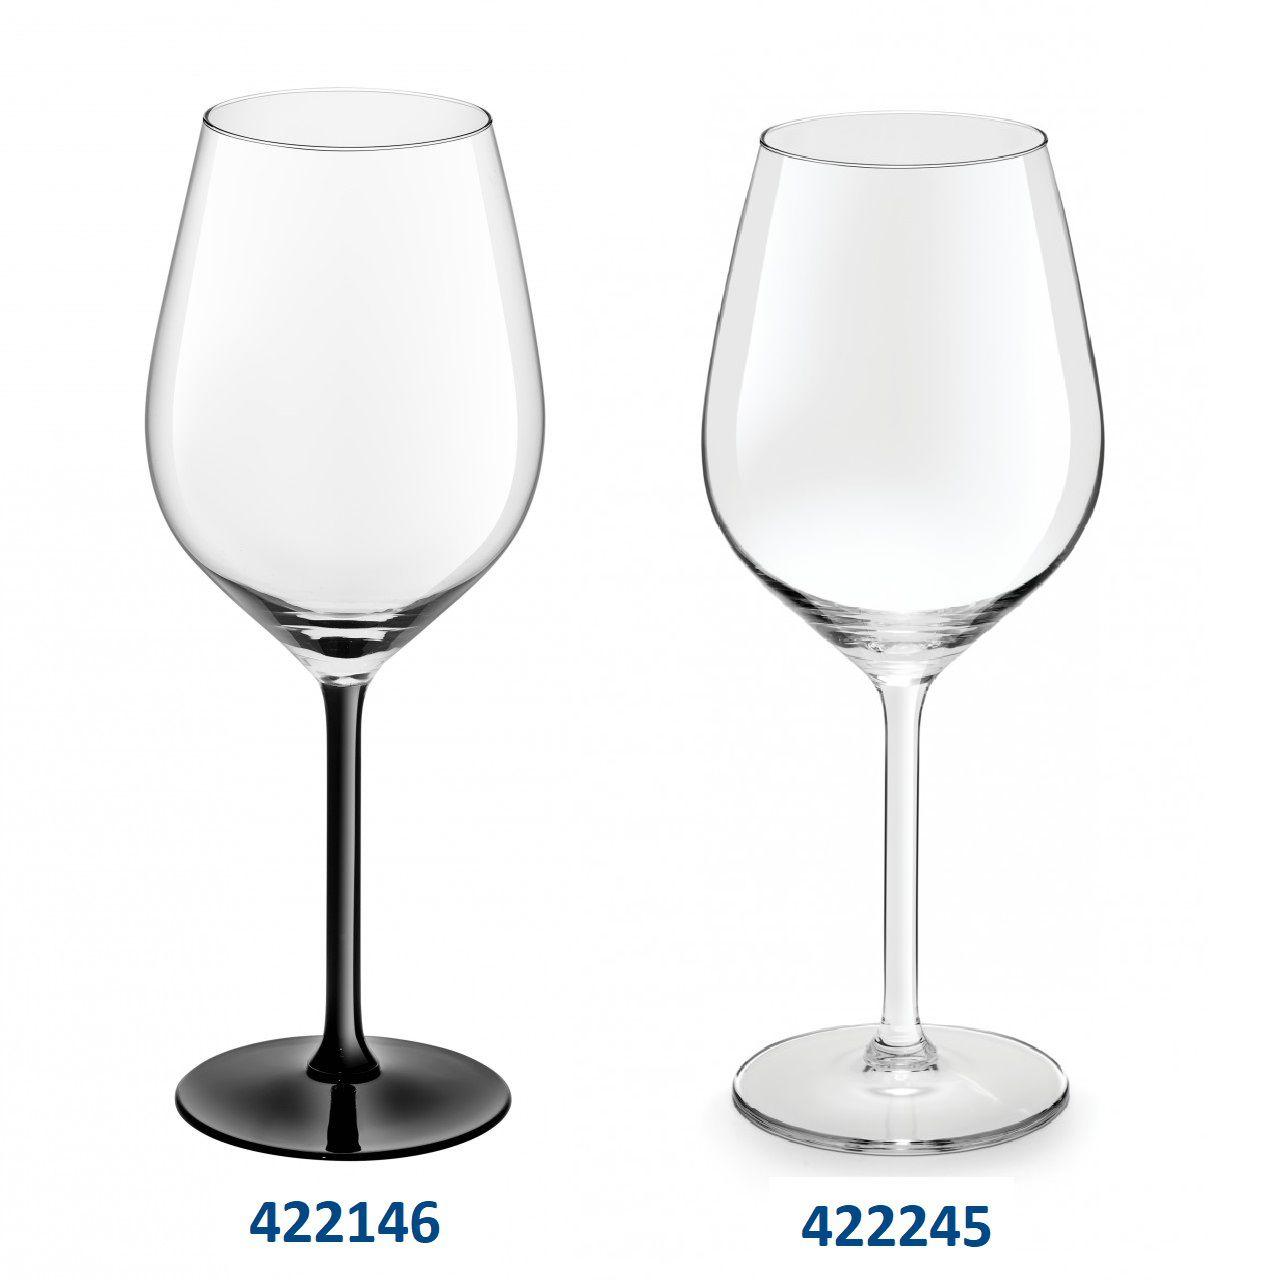 Conj 4 Taças para Vinho Gallery Personalizadas